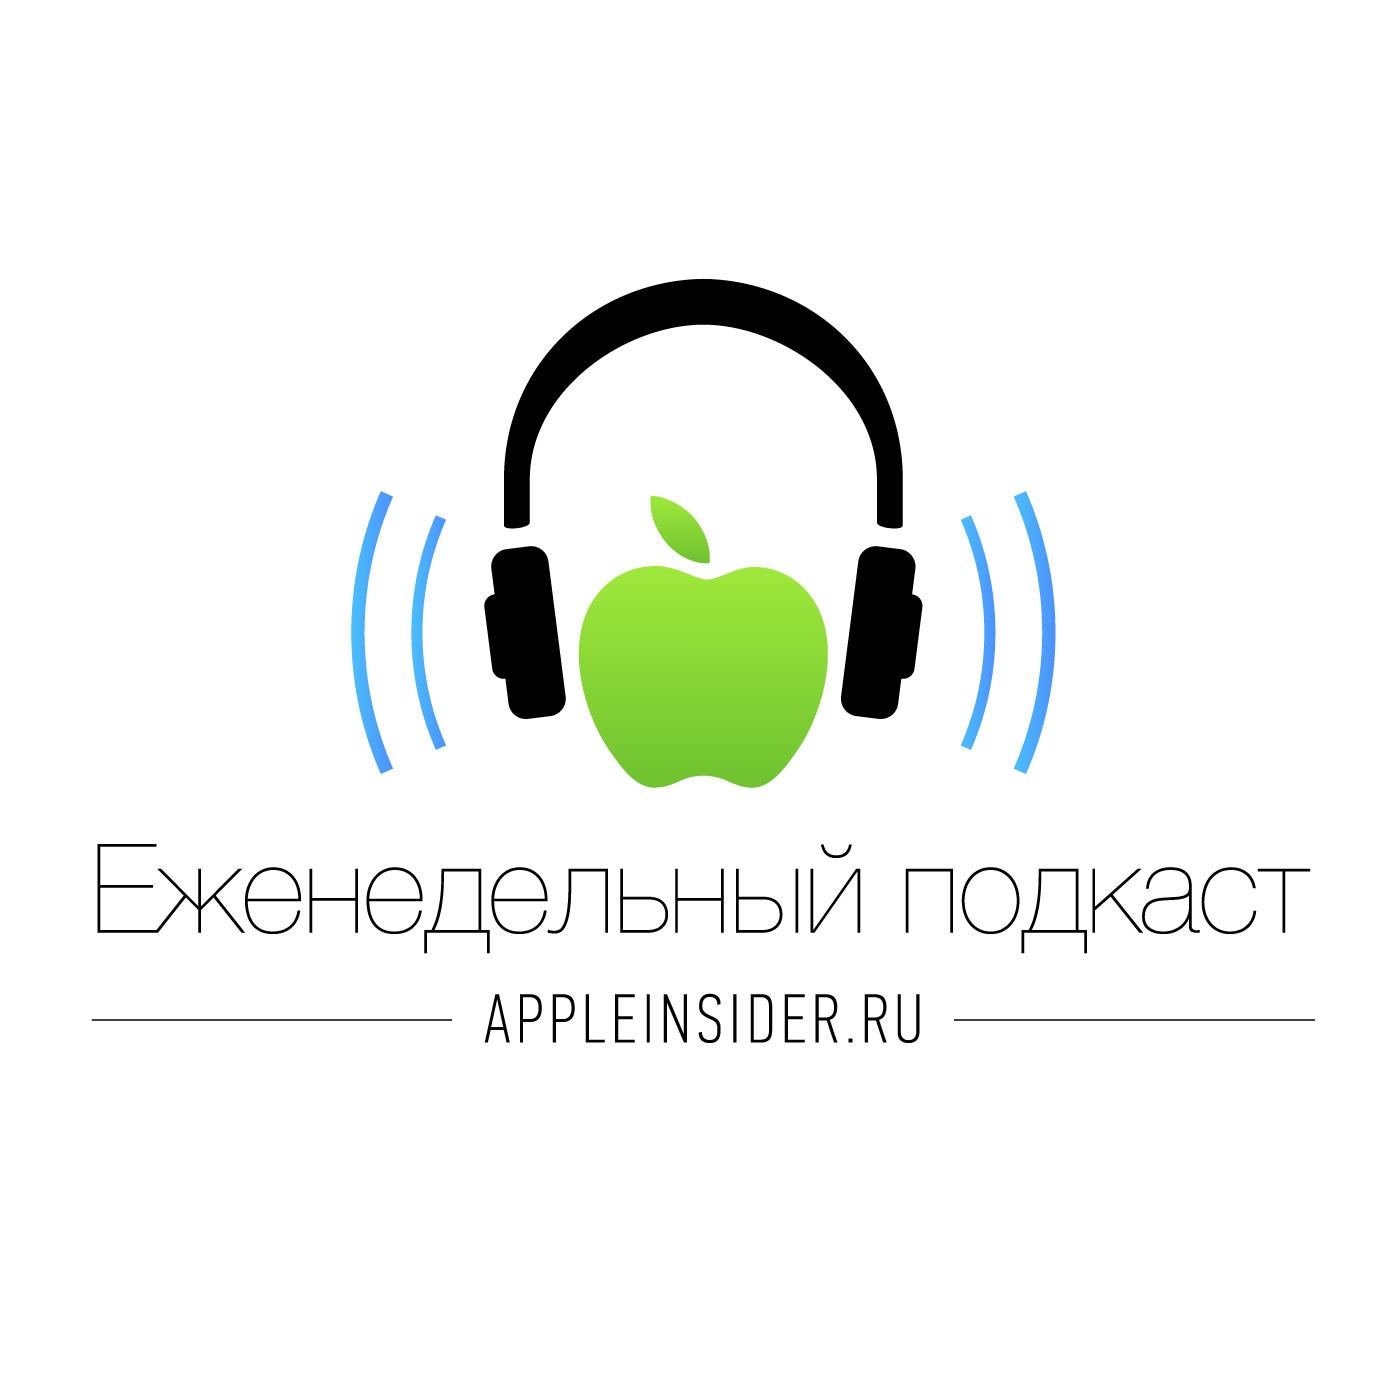 Чему равна наценка на iPhone в российской рознице?